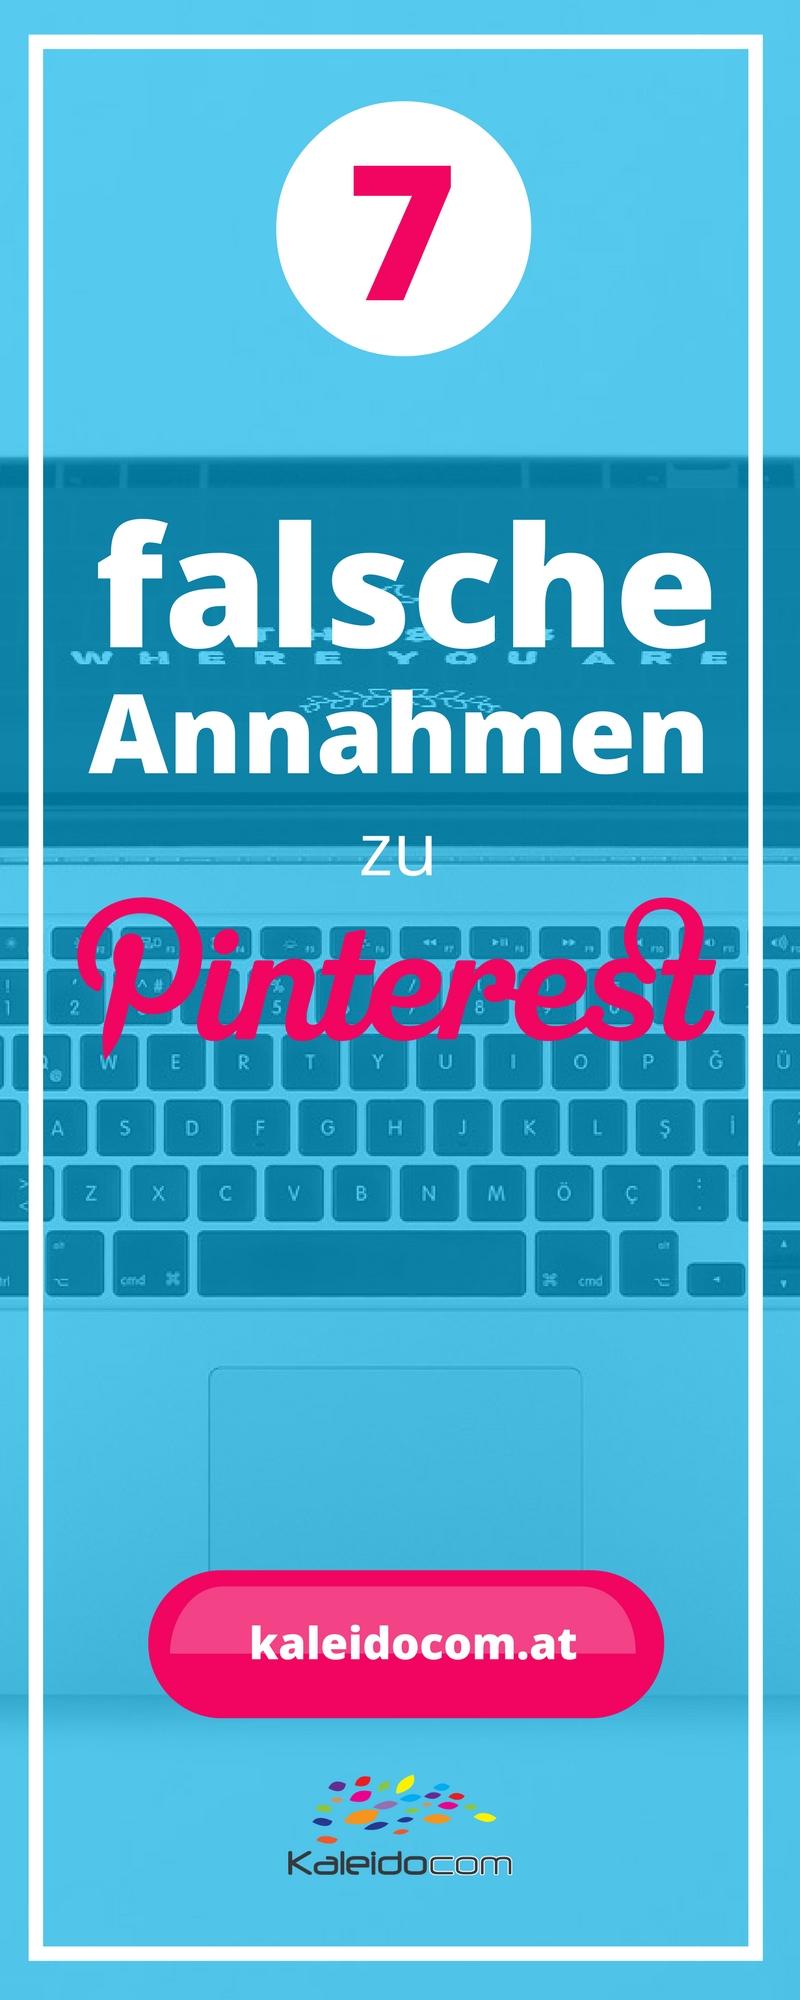 Pinterest wird immer wichtiger im Online-Marketing. Darum ist es nicht verwunderlich, dass auch einige Falschaussagen über Pinterest kursieren. Wir wollen heute die gängigsten widerlegen.